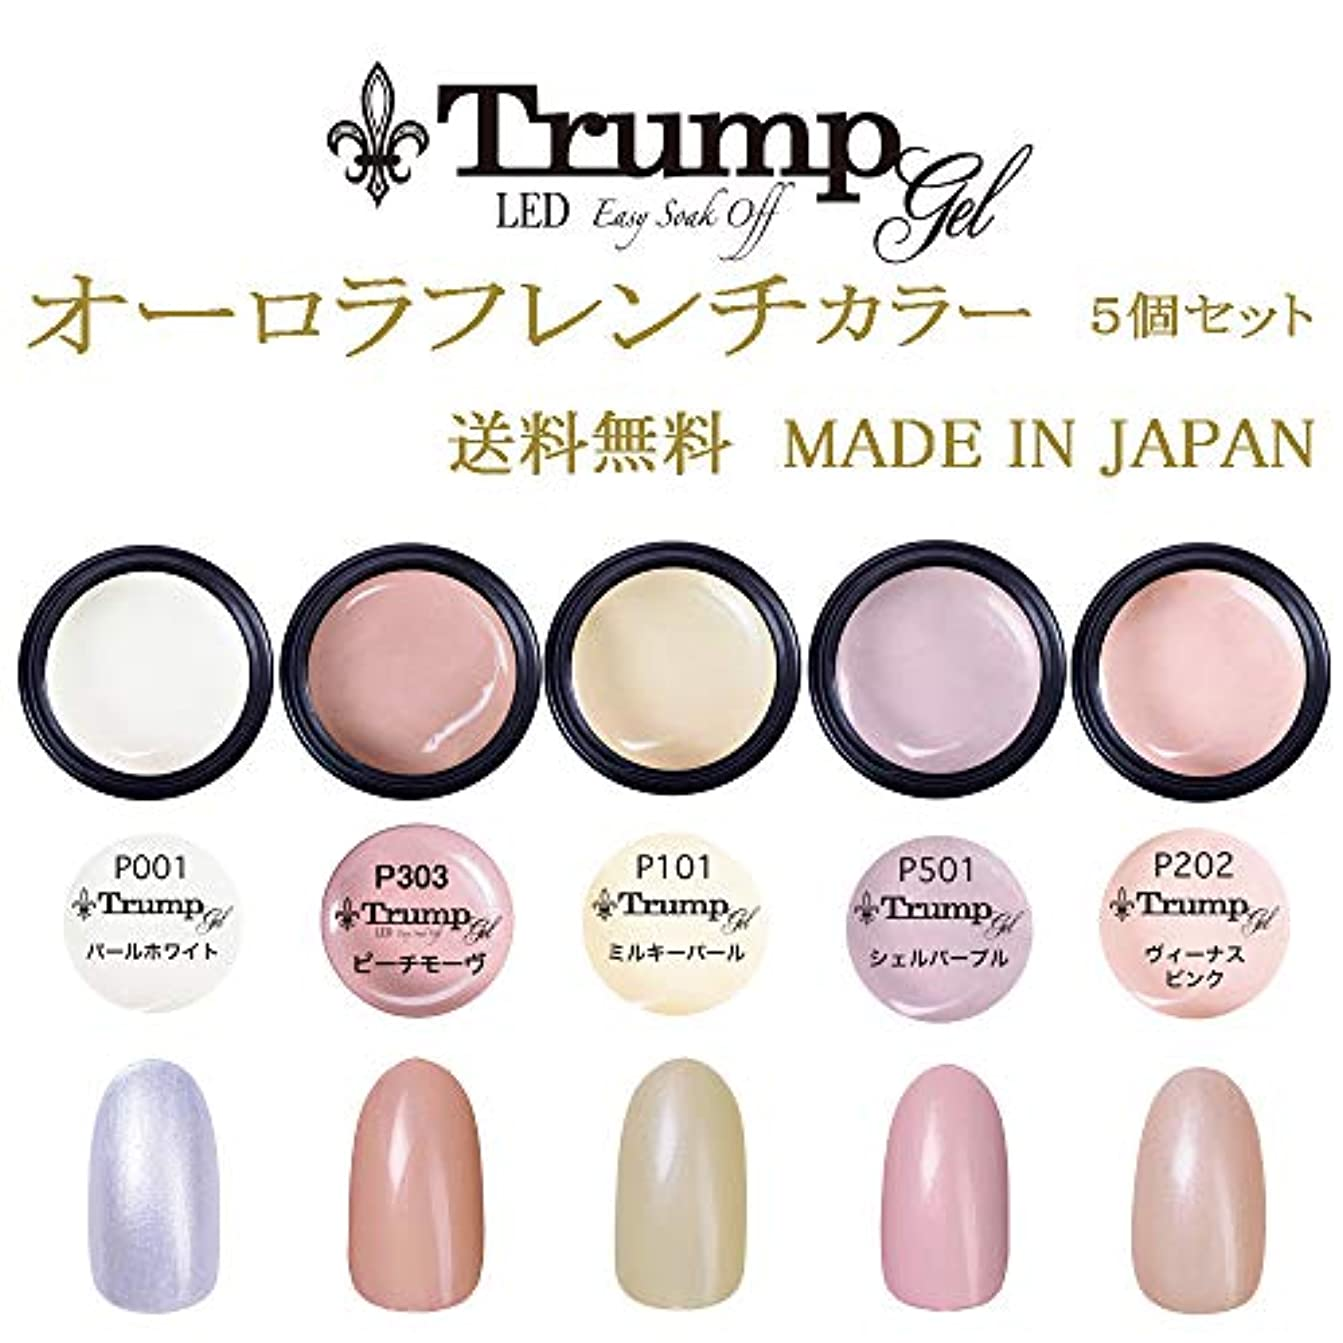 動機講師最初【送料無料】日本製 Trump gel トランプジェル オーロラフレンチカラージェル 5個セット オーロラ感たたっぷりな オーロラフレンチネイルカラージェルセット